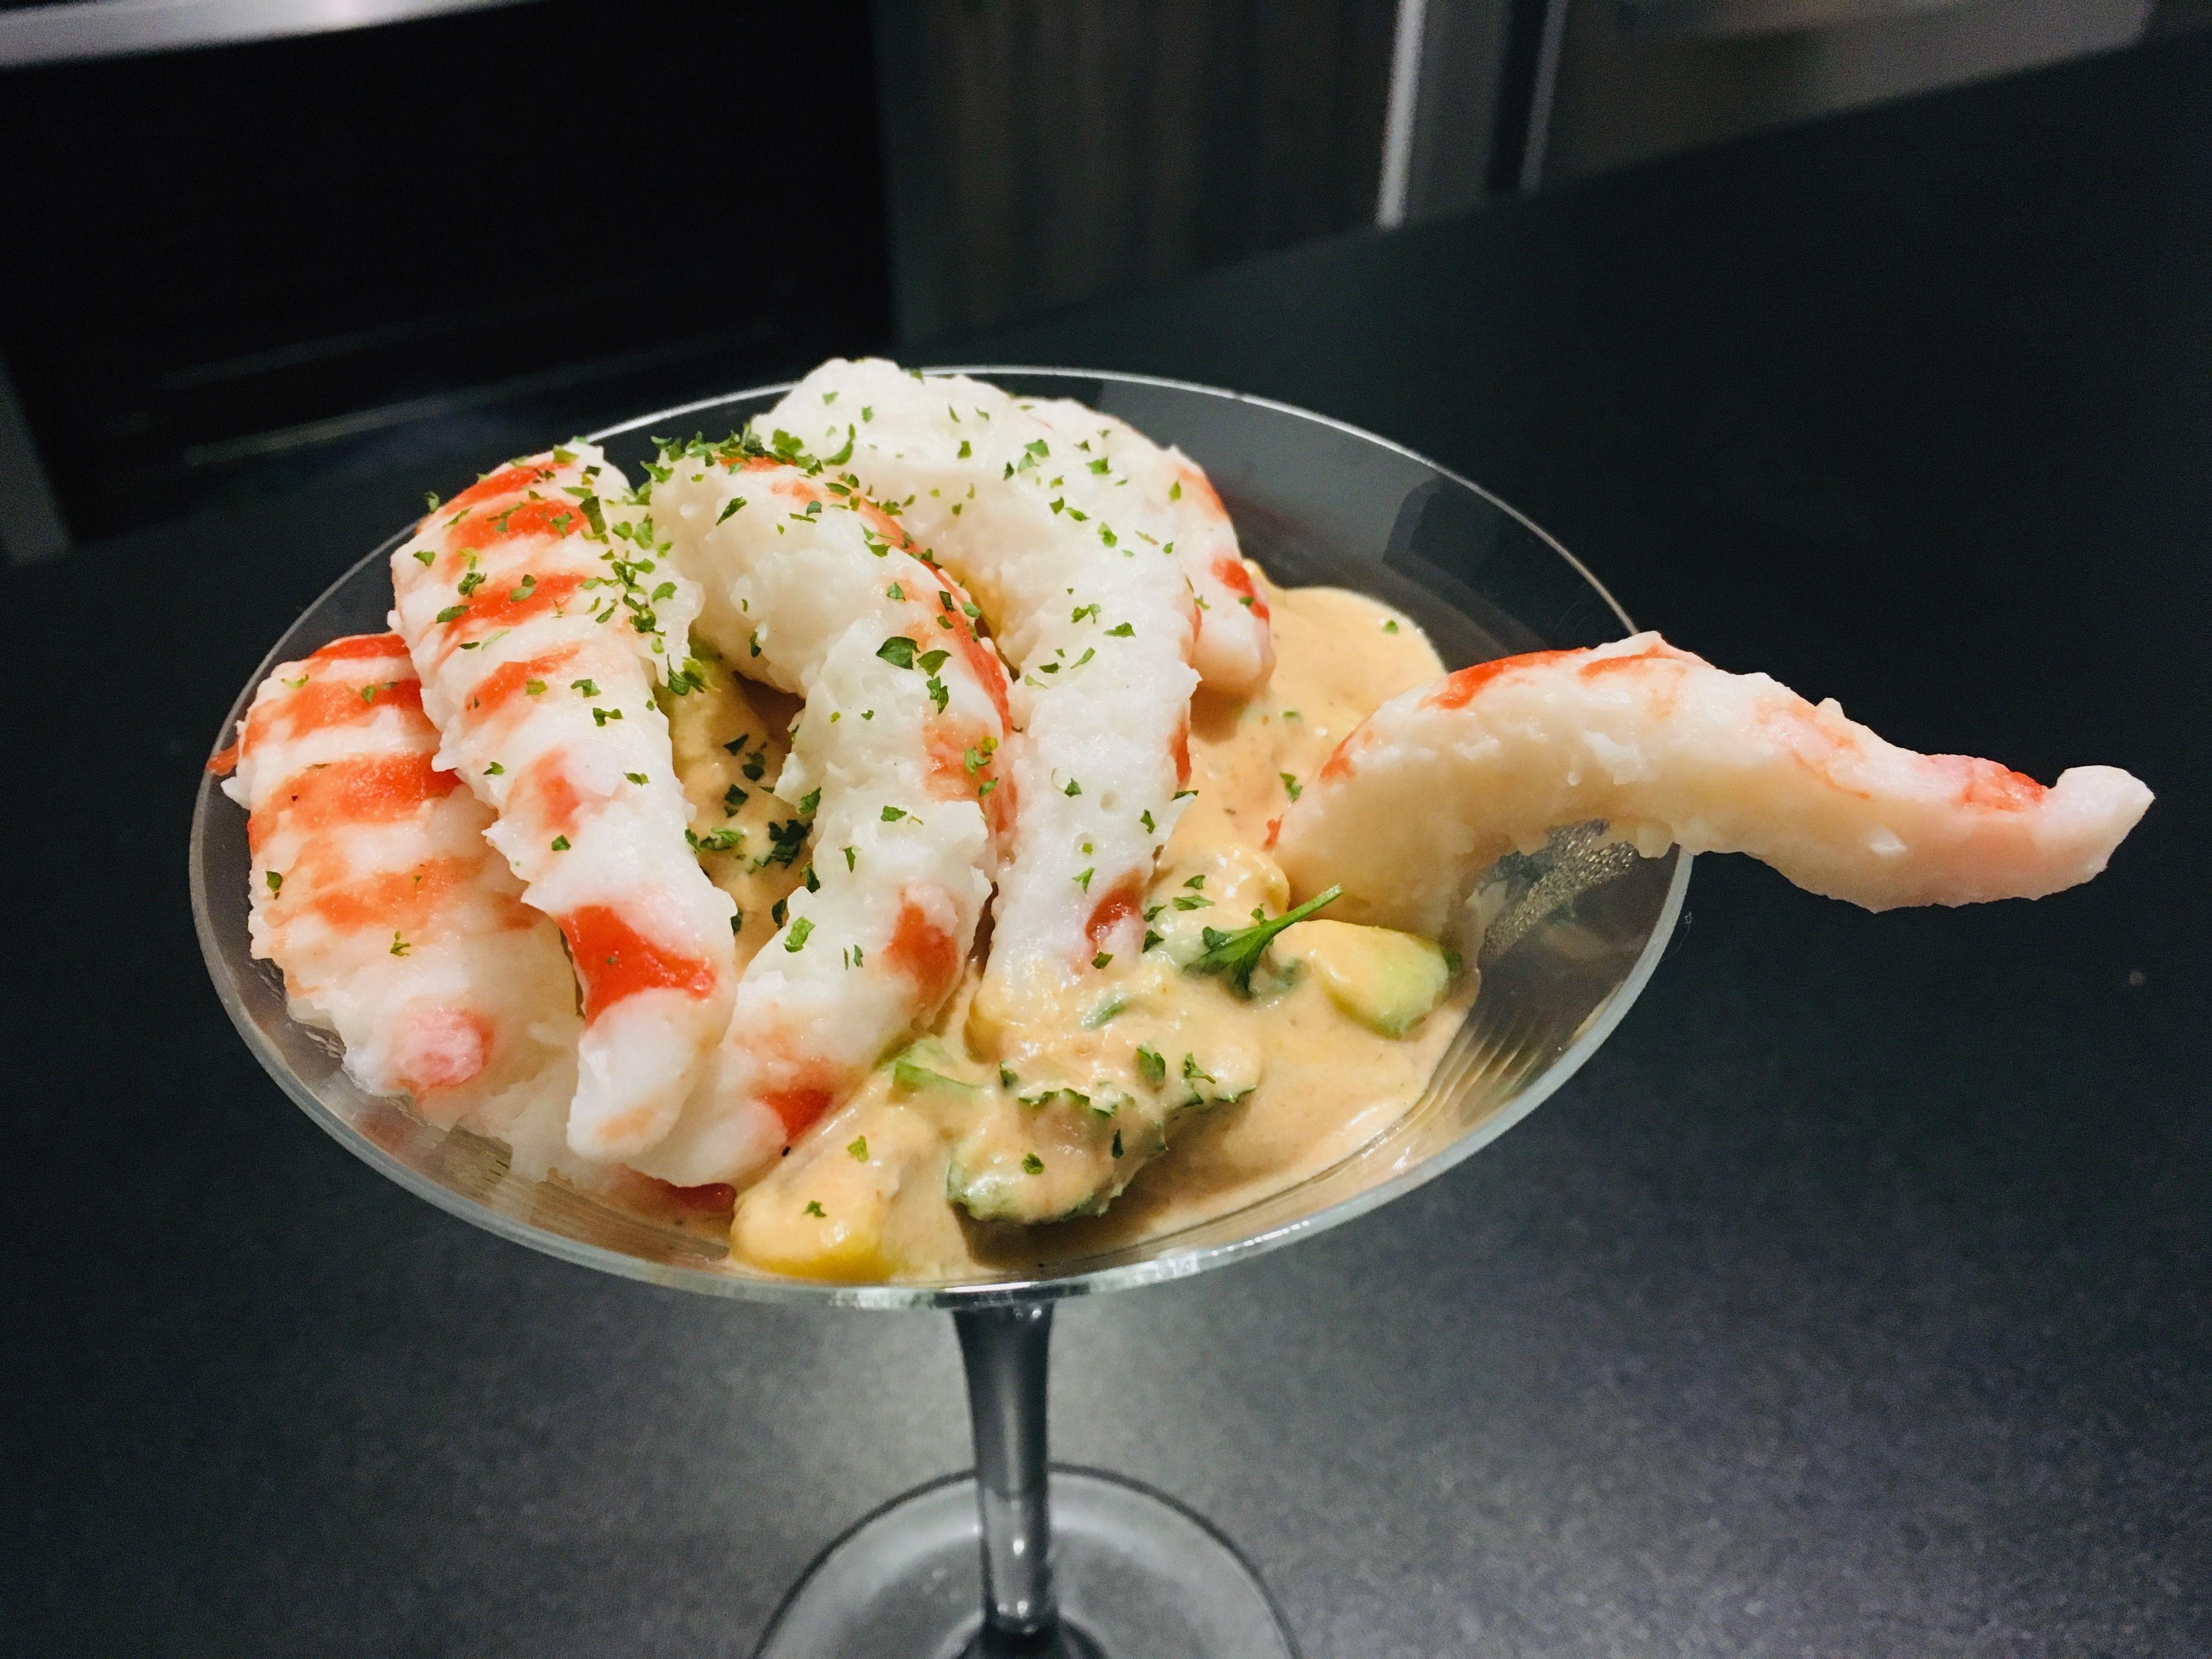 Avocado Cocktail With Vegan Shrimps Recipe Vegan Side Dishes Vegan Shrimp Avocado Cocktail